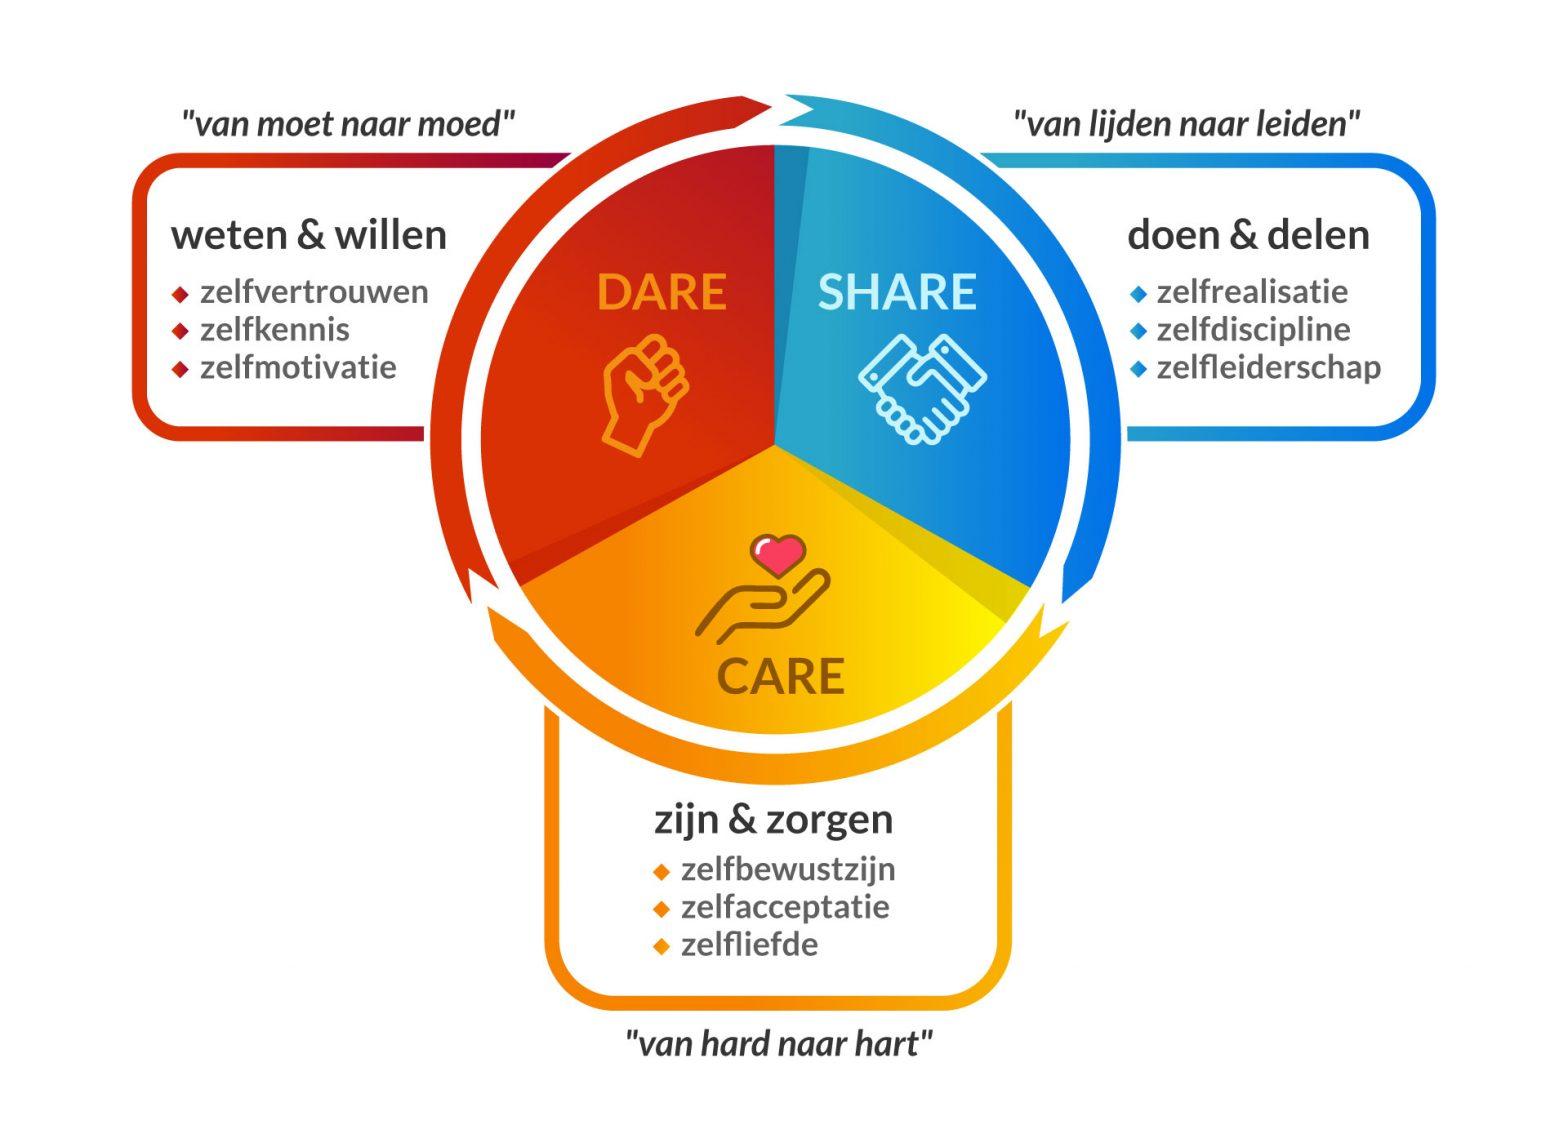 CARE, DARE & SHARE methodiek van Leid met Lef voor meer authentiek en persoonlijk leiderschap